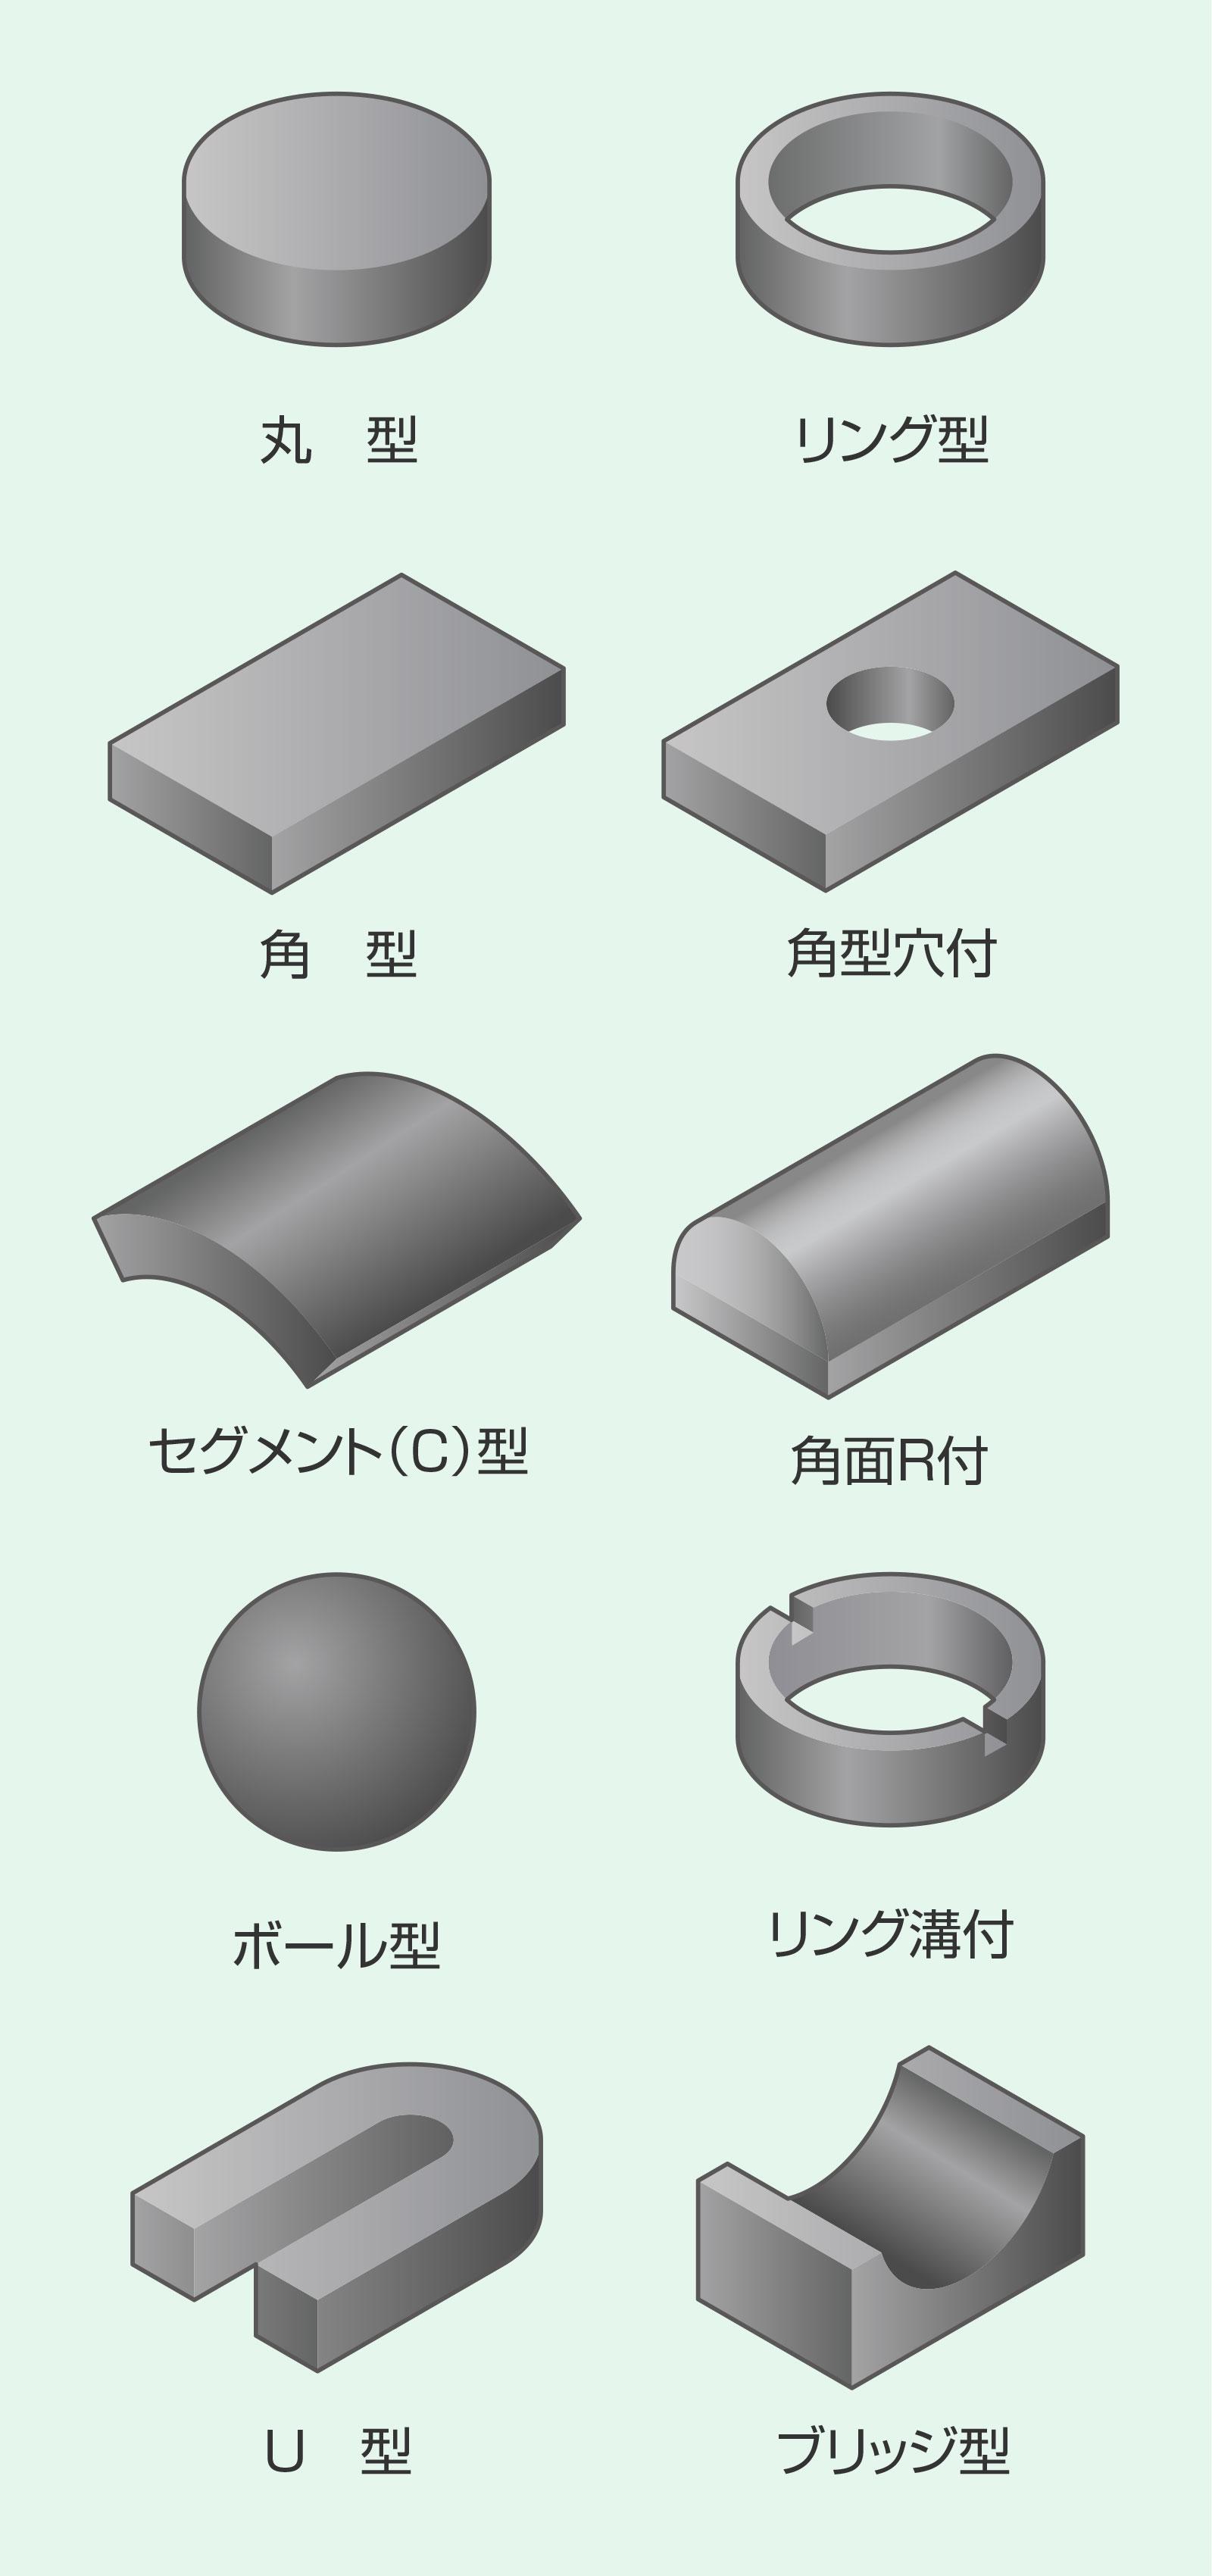 キャナック:永久磁石の概要